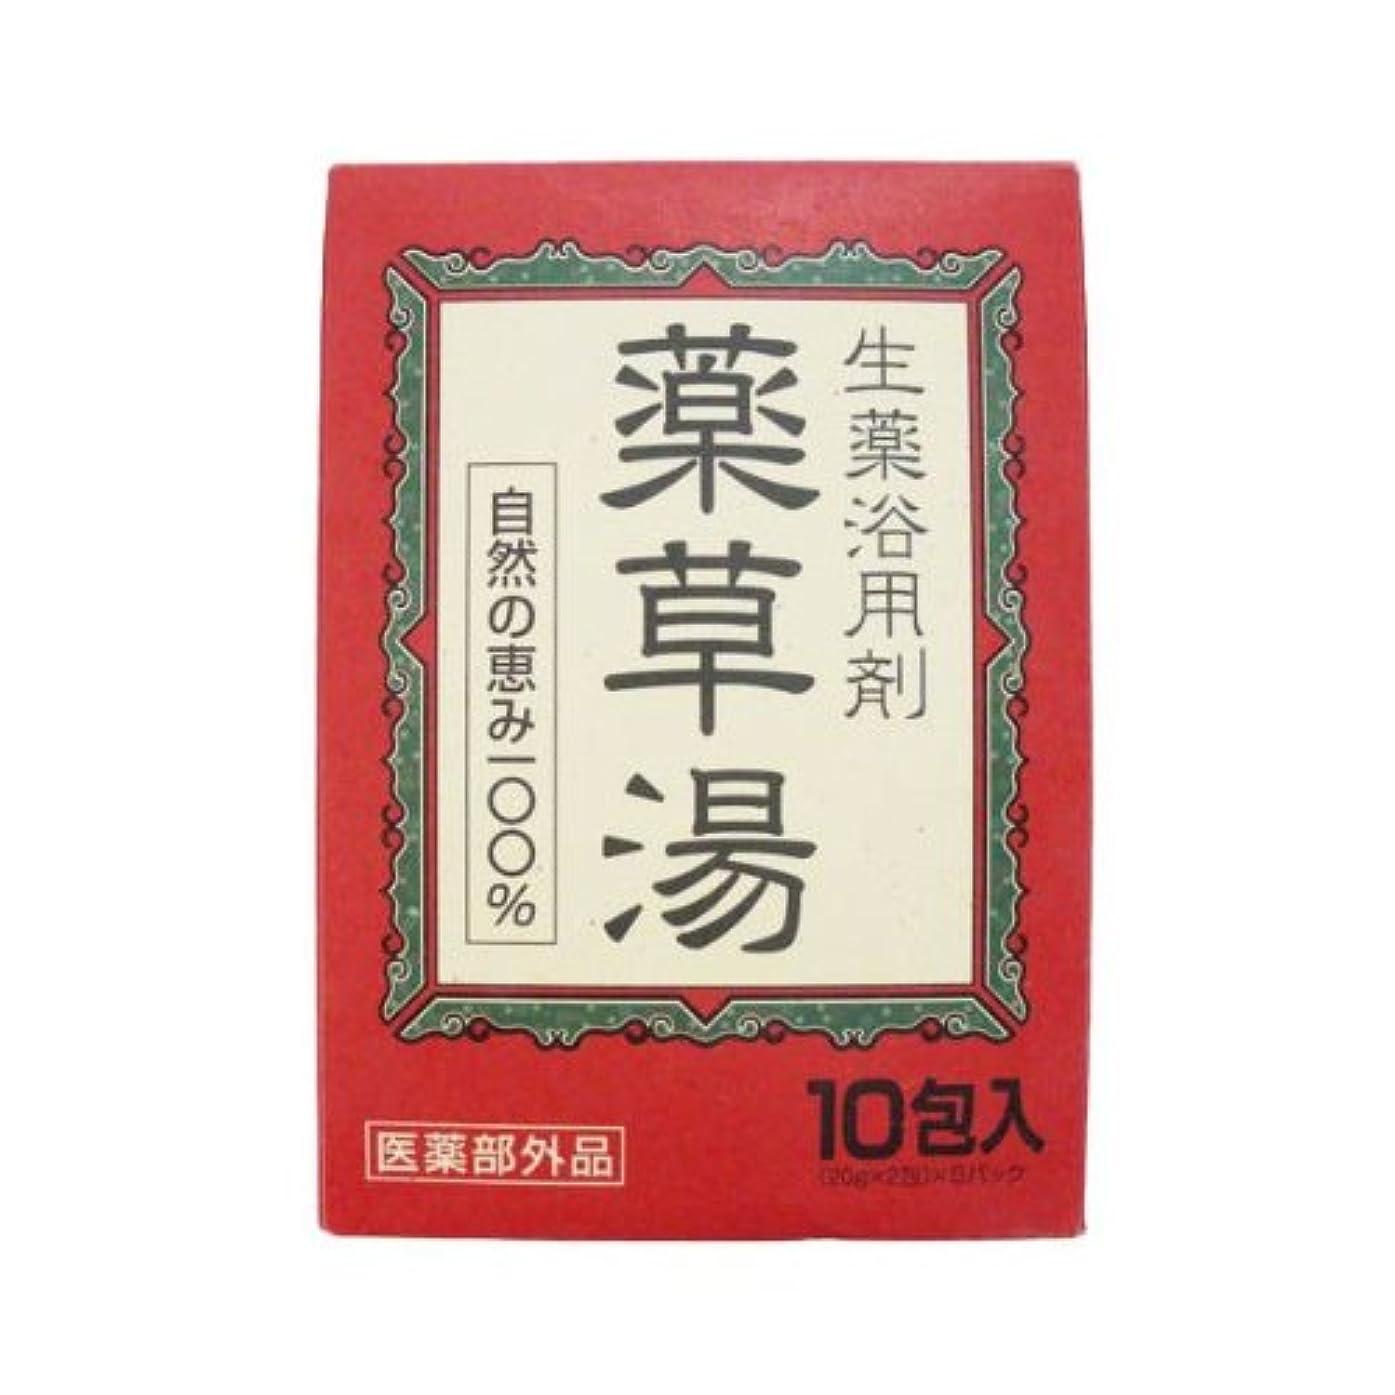 アーサー配管写真を描くVVN生薬入浴剤薬草湯10包×(20セット)